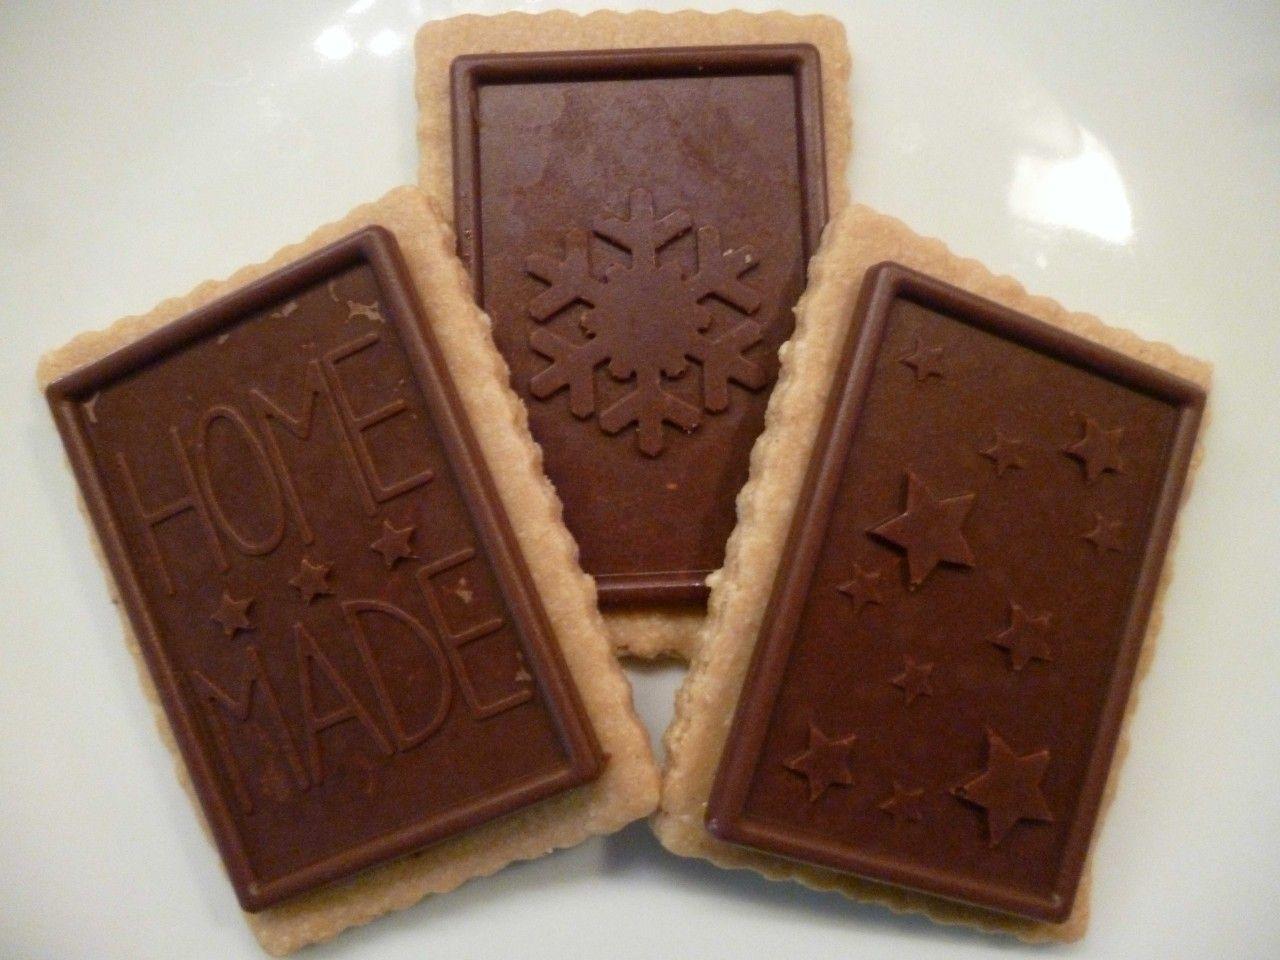 Roh-vegane Kekse mit Schokolade